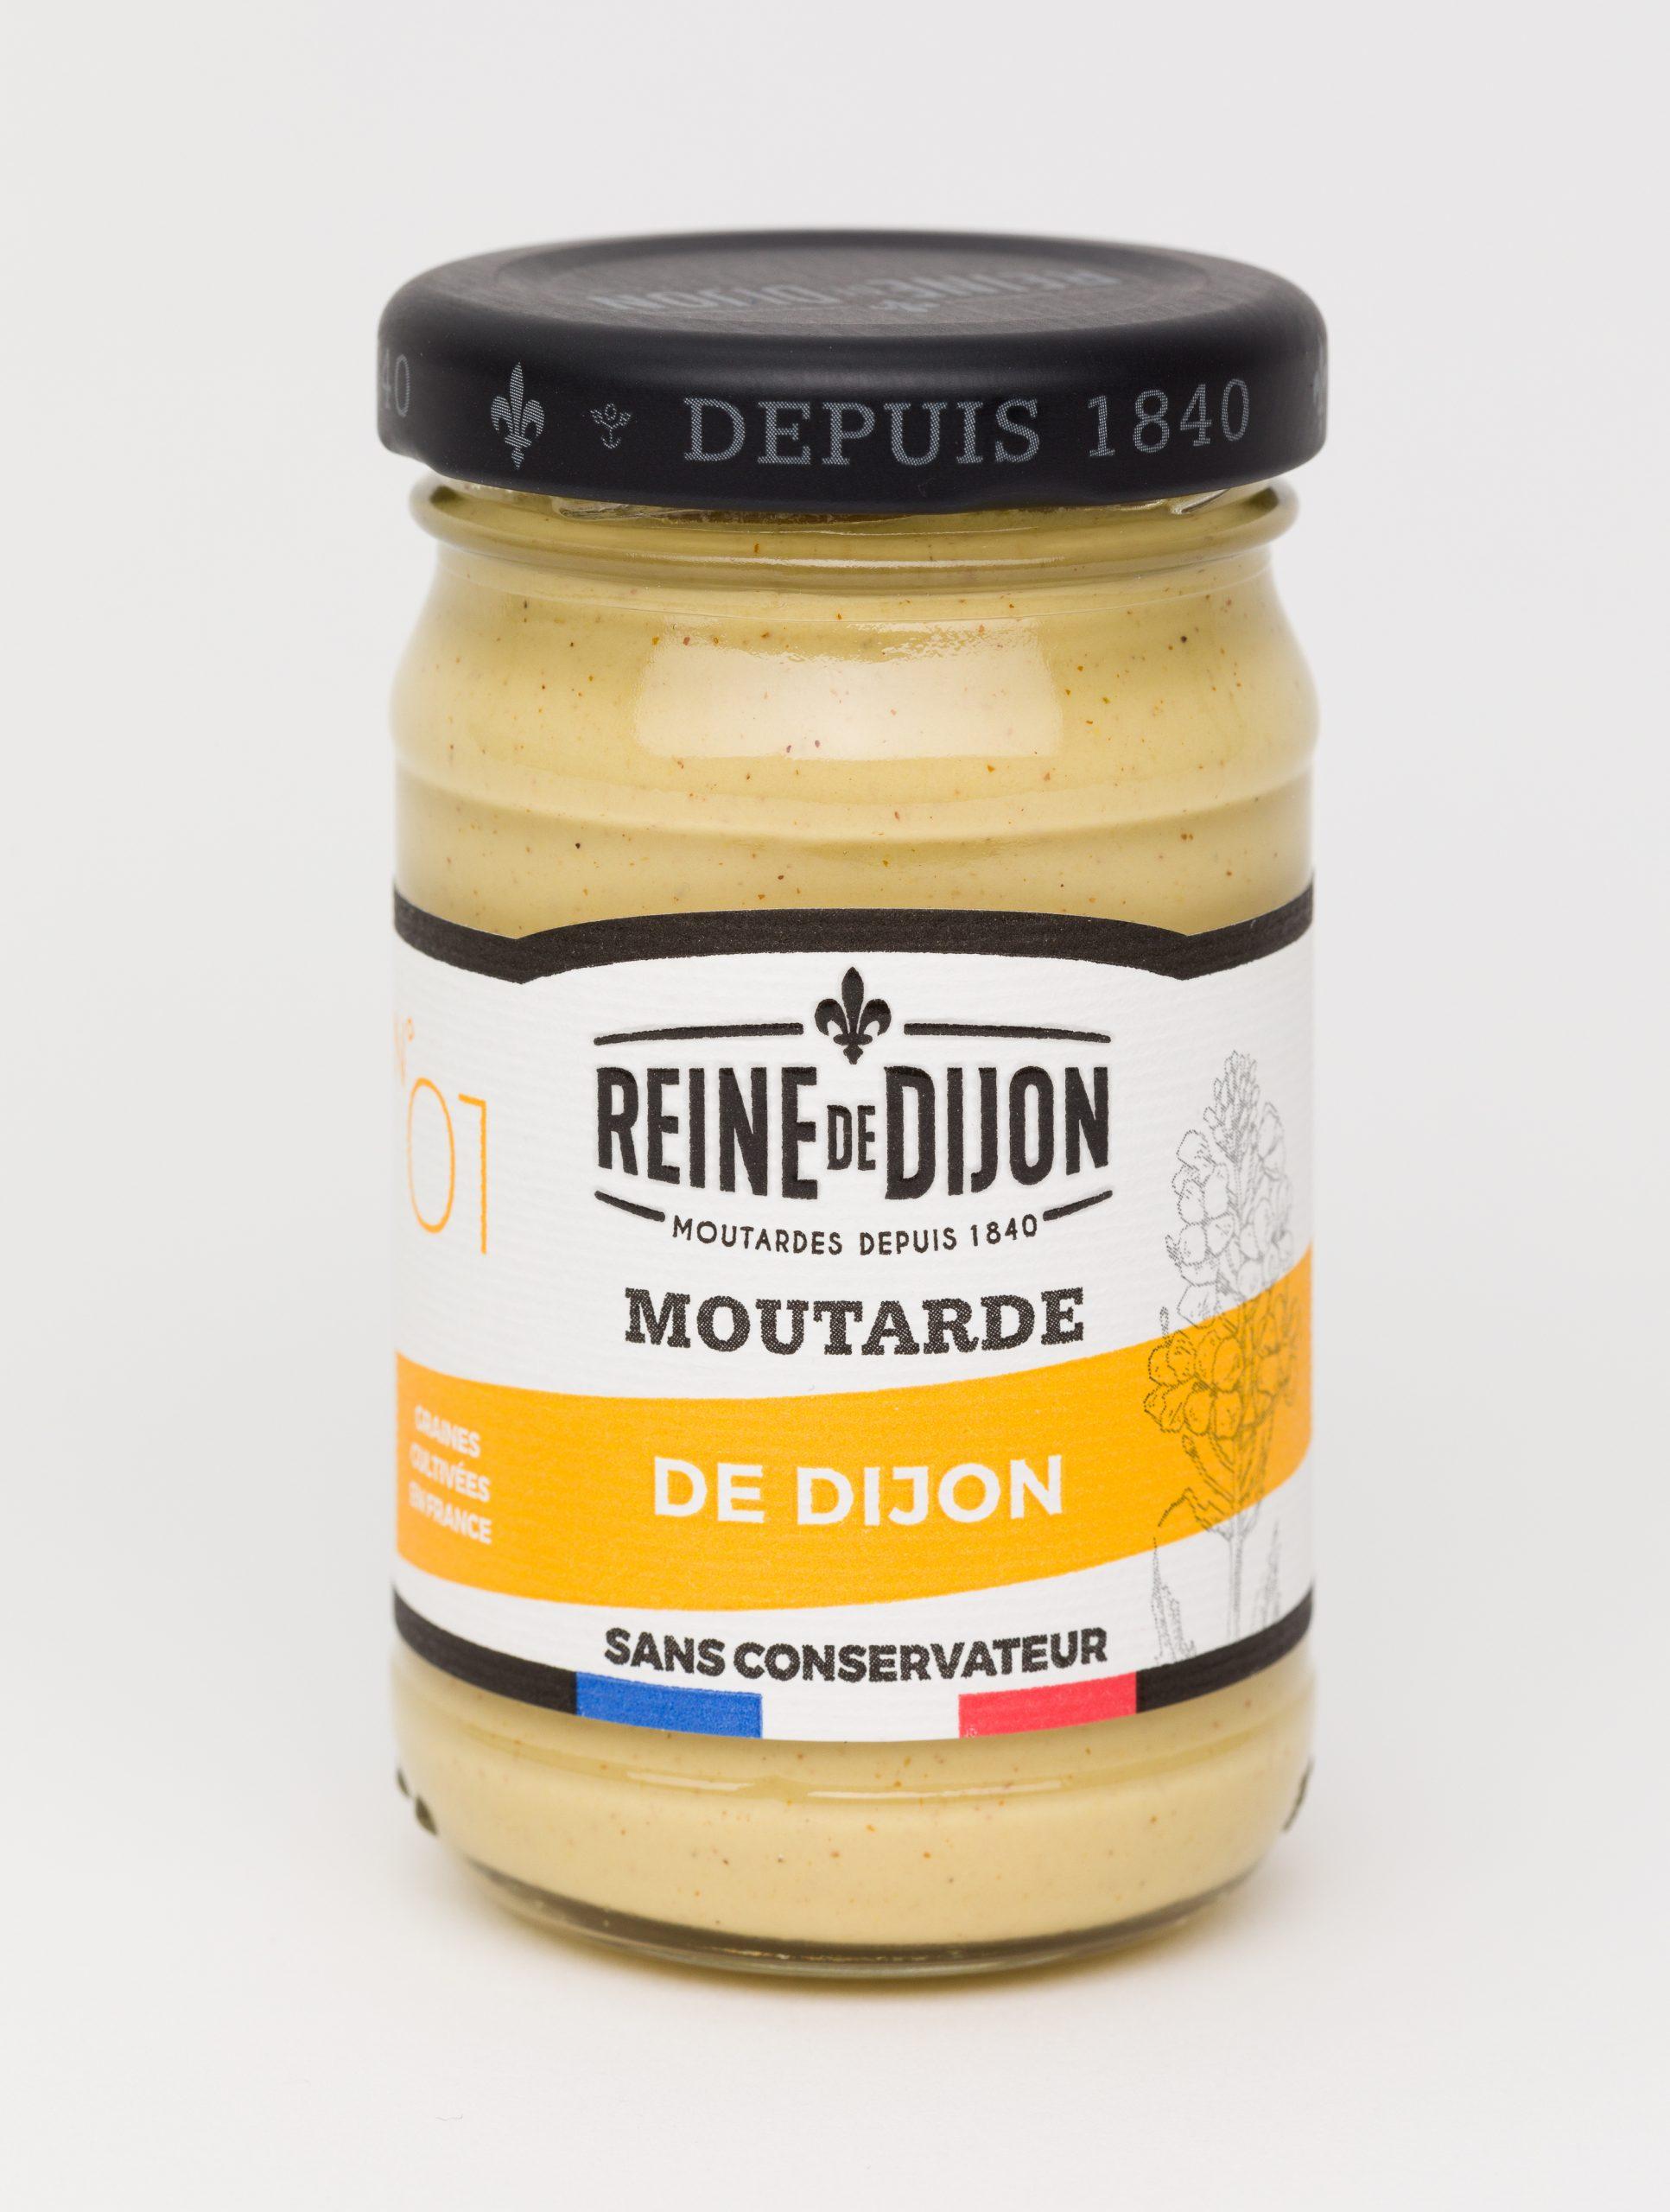 Reine de Dijon GMS Blanc 01 Moutarde de Dijon 100g  scaled - La moutarde aux graines 100% françaises